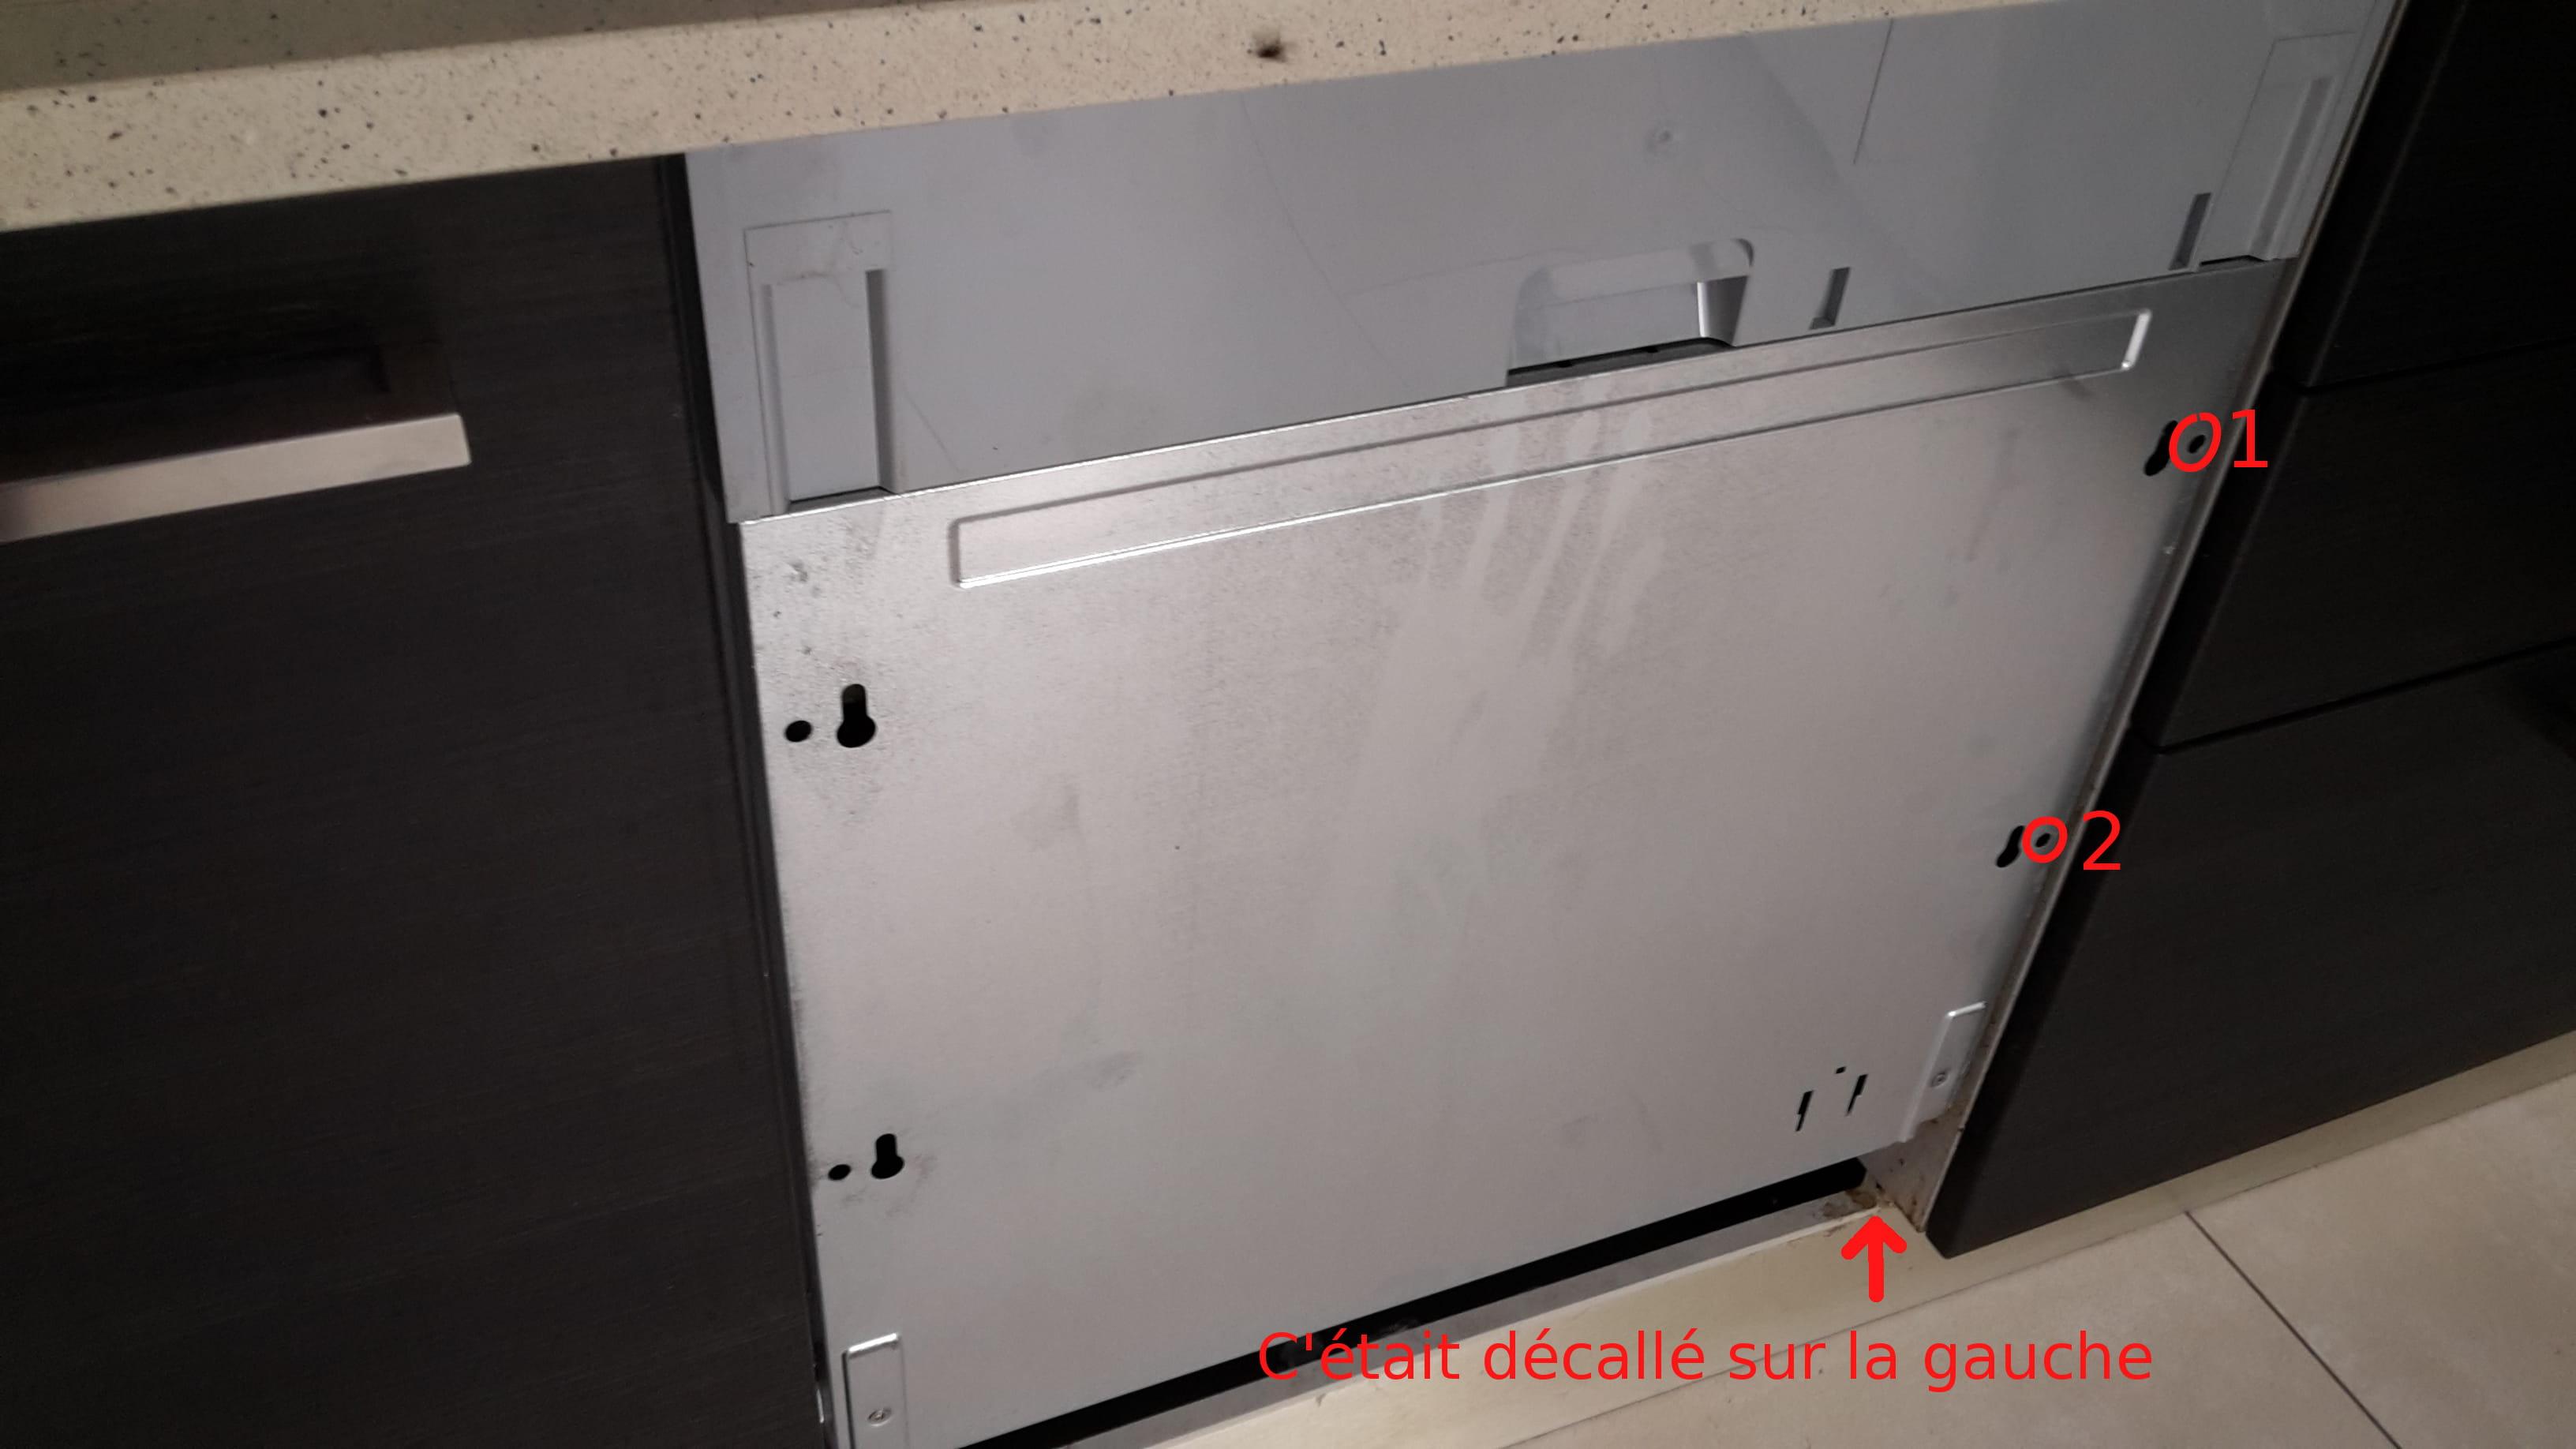 pas de vis plaque de parement porte lave vaisselle arrach s. Black Bedroom Furniture Sets. Home Design Ideas